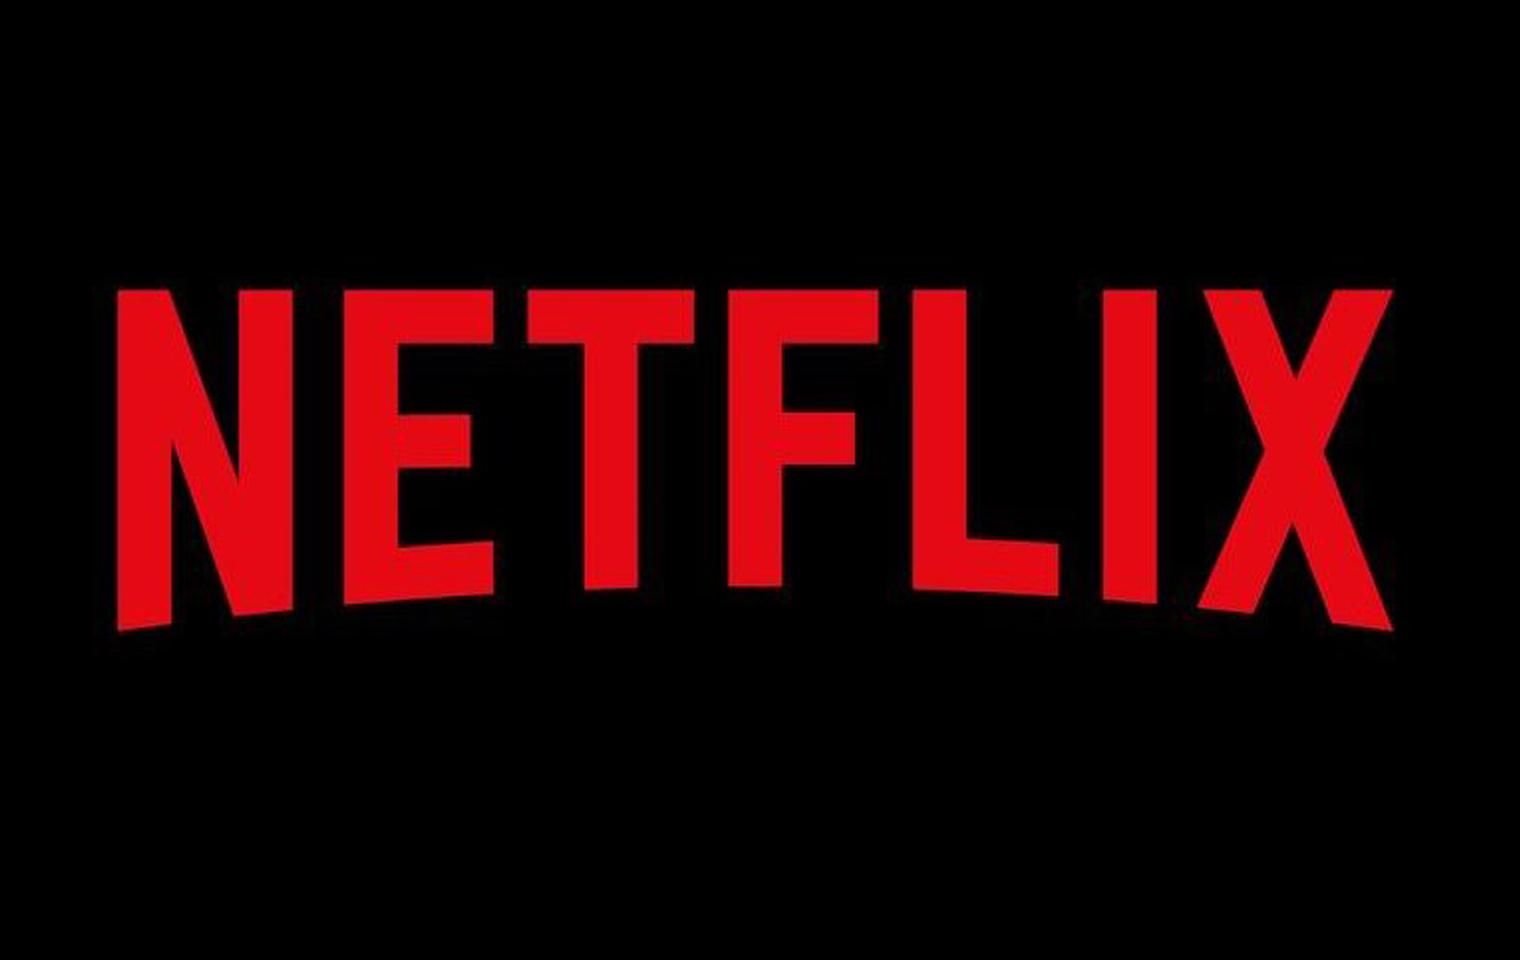 Netflix Top 10 in Deutschland: Die beliebtesten Serien & Filme